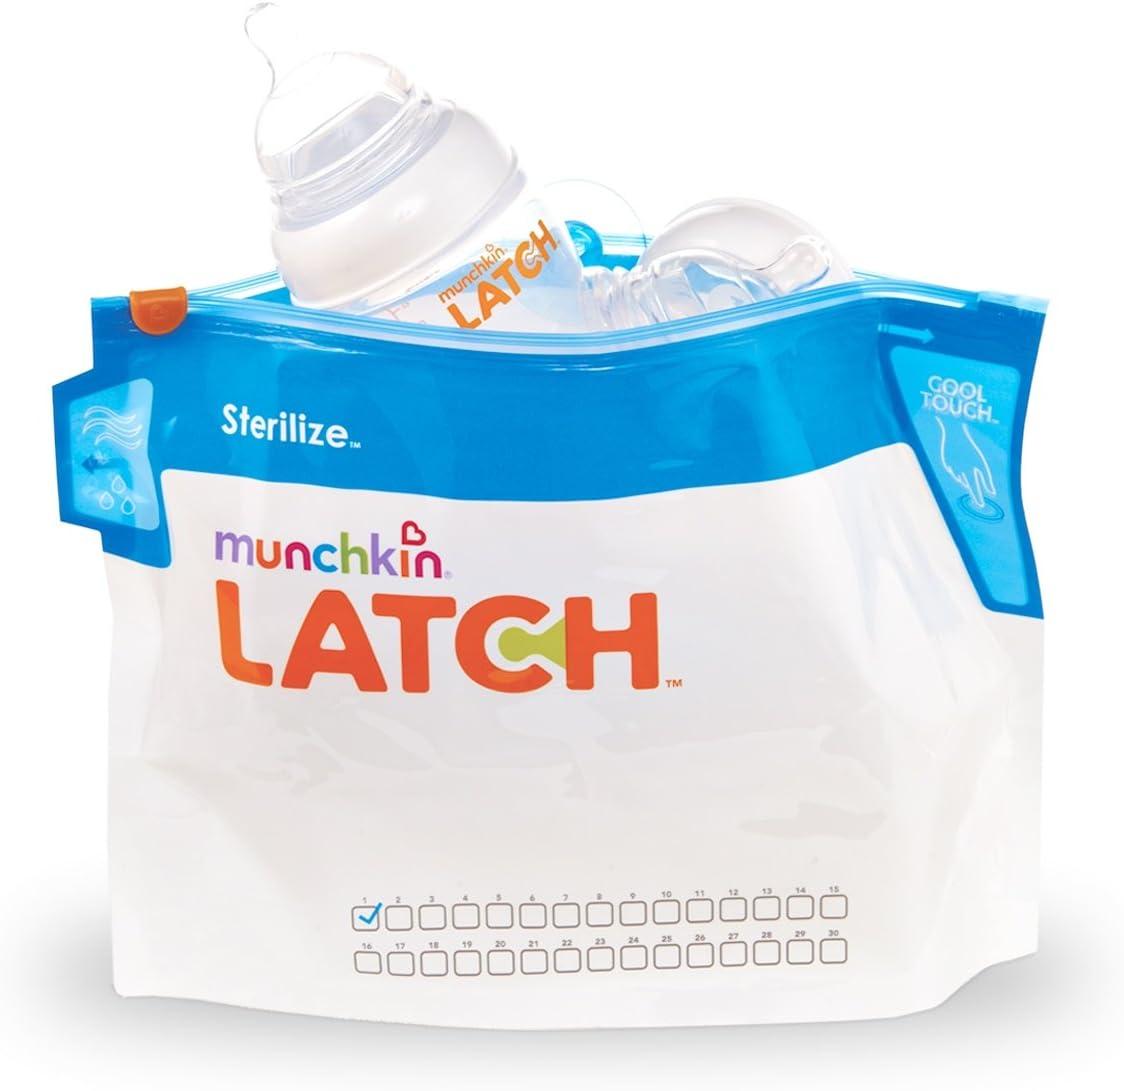 Munchkin - Bolsitas esterilizadoras: Amazon.es: Bebé